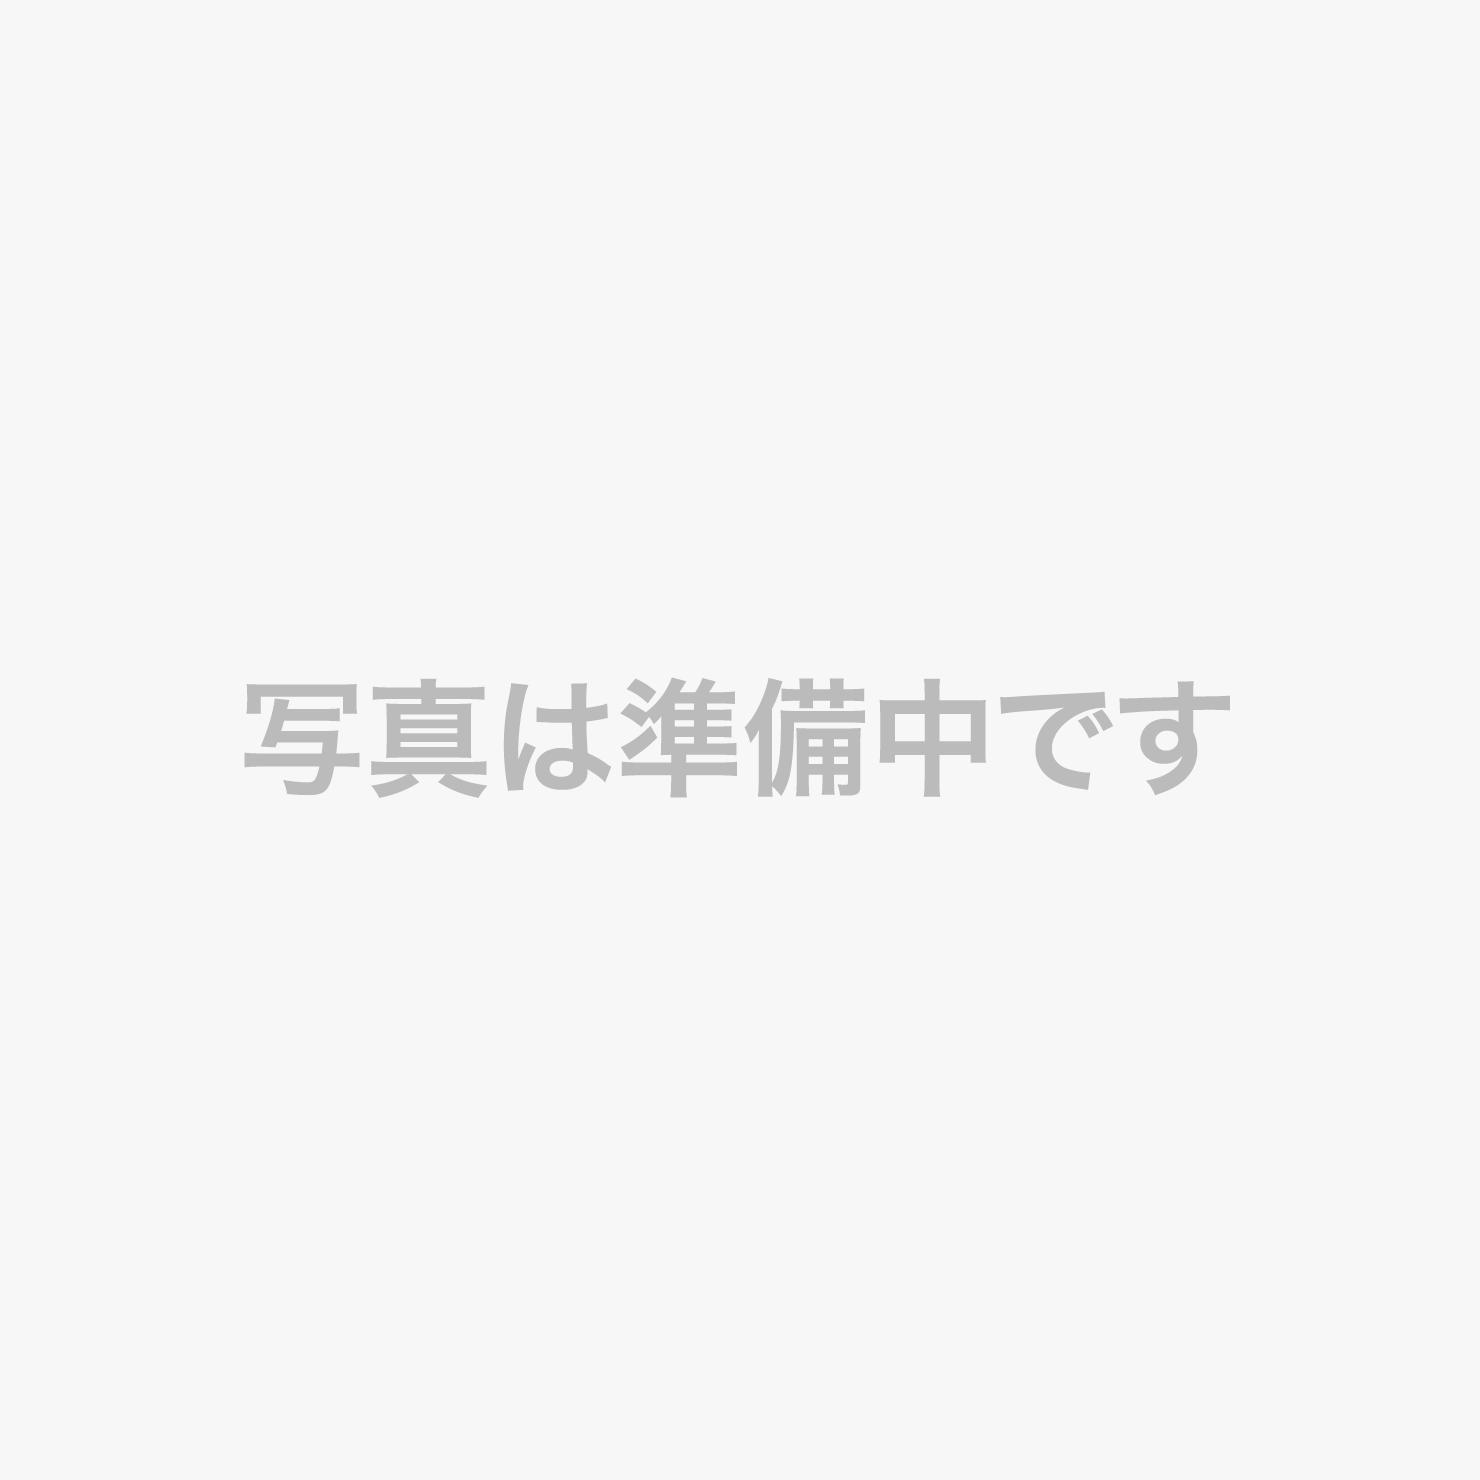 愛媛県の『愛あるブランド』伊予牛の網焼きをメインとした伊予牛会席です。肉の旨みがギュっと詰まった自慢の伊予牛をお愉しみください。※こちらはレストランでのお食事となります。